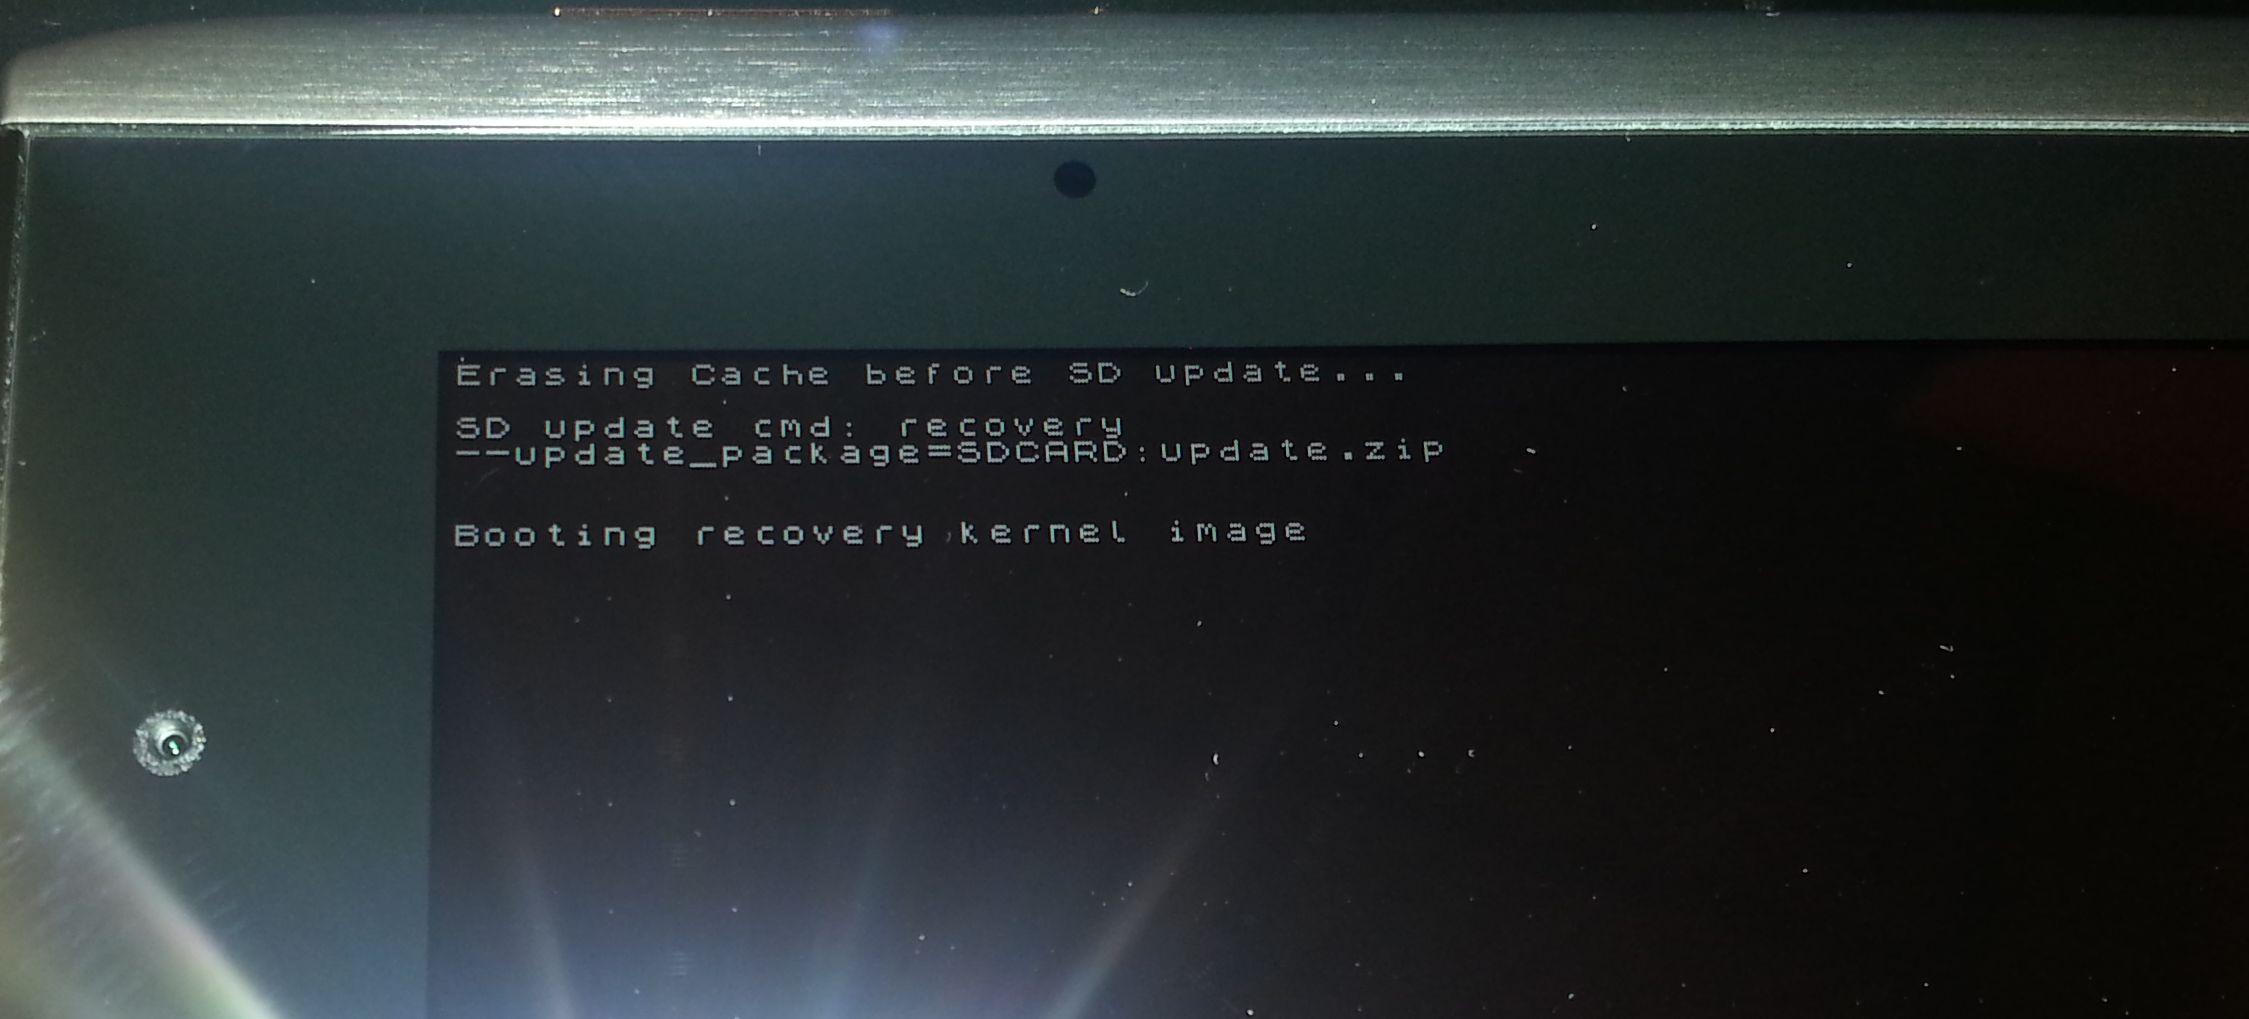 acer a501 андроид с восклицательным знаком